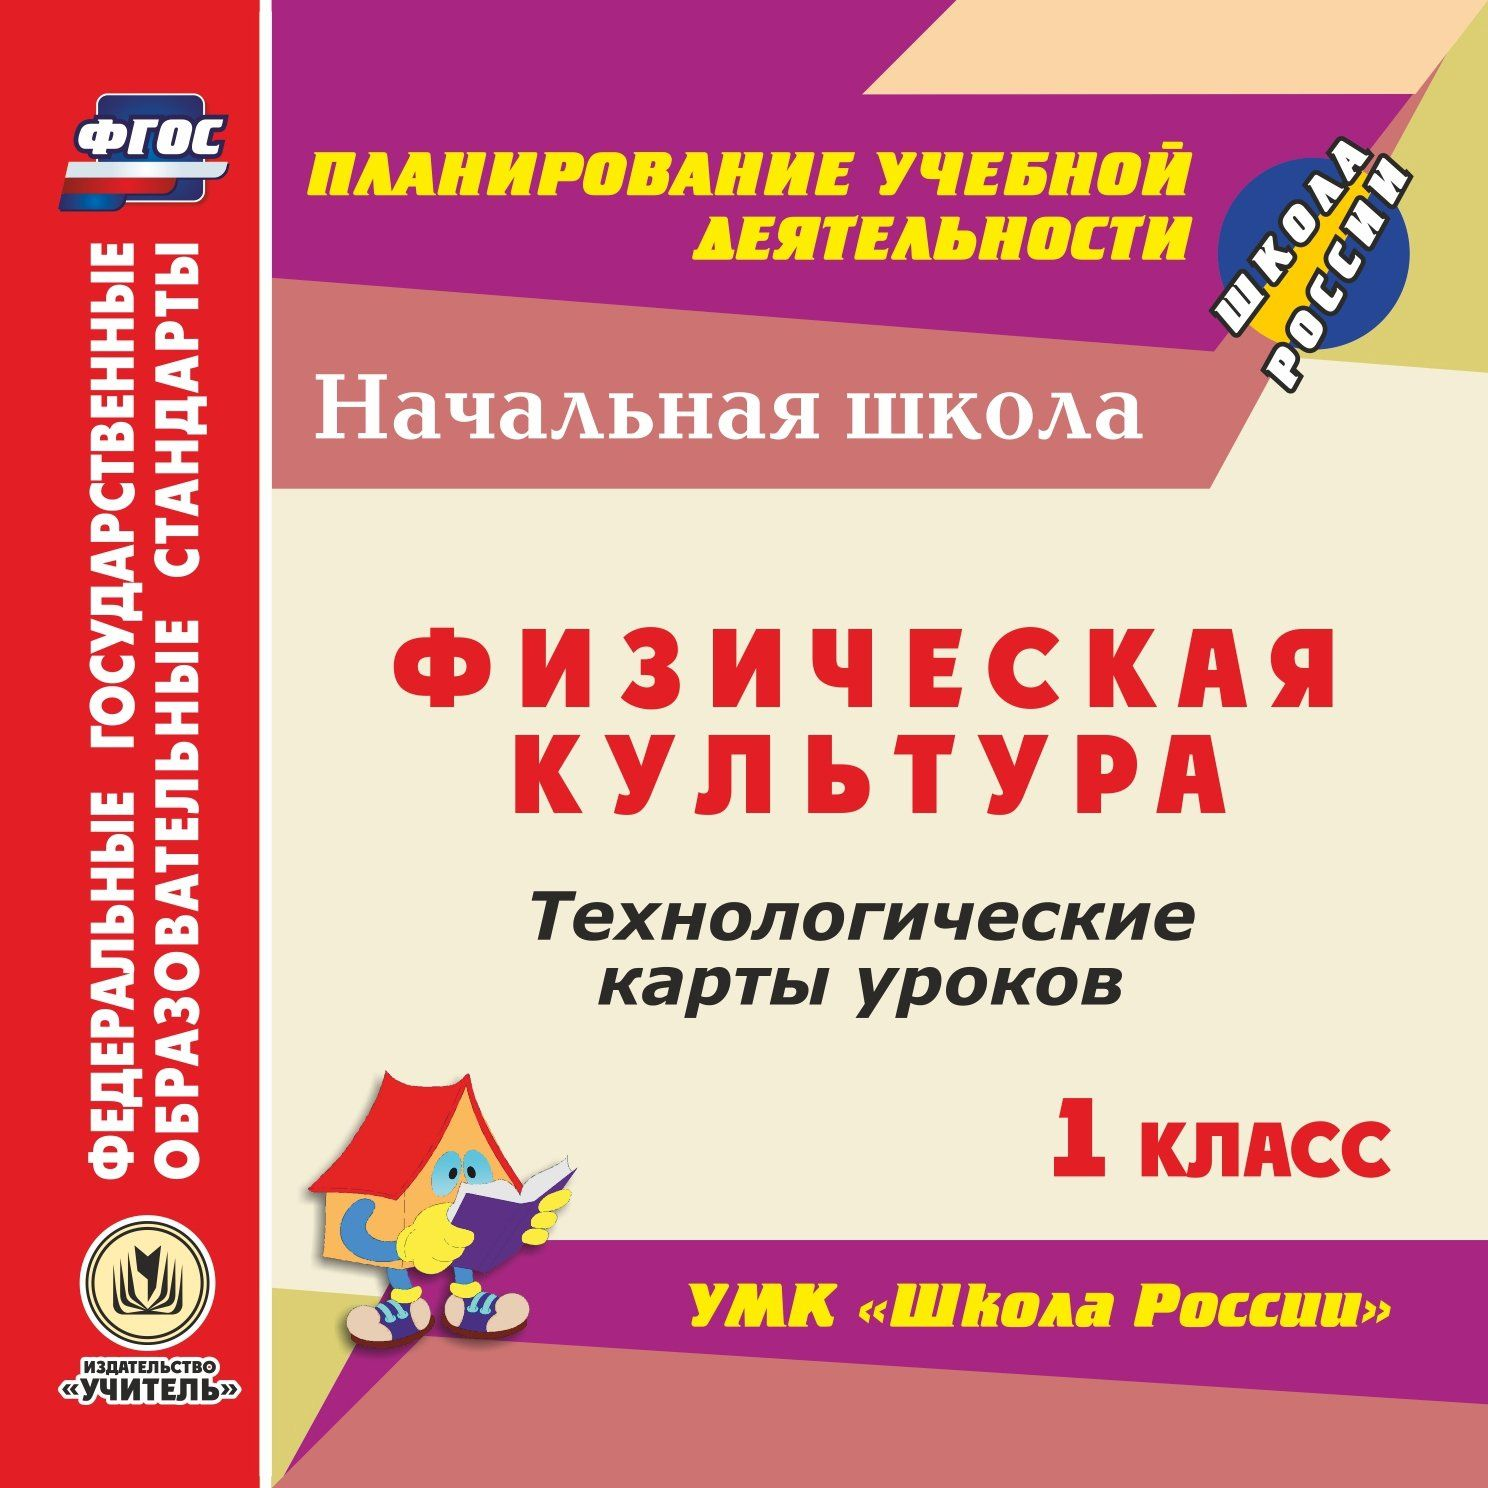 Физическая культура. 1 класс. Технологические карты уроков по УМК Школа России. Программа для установки через Интернет